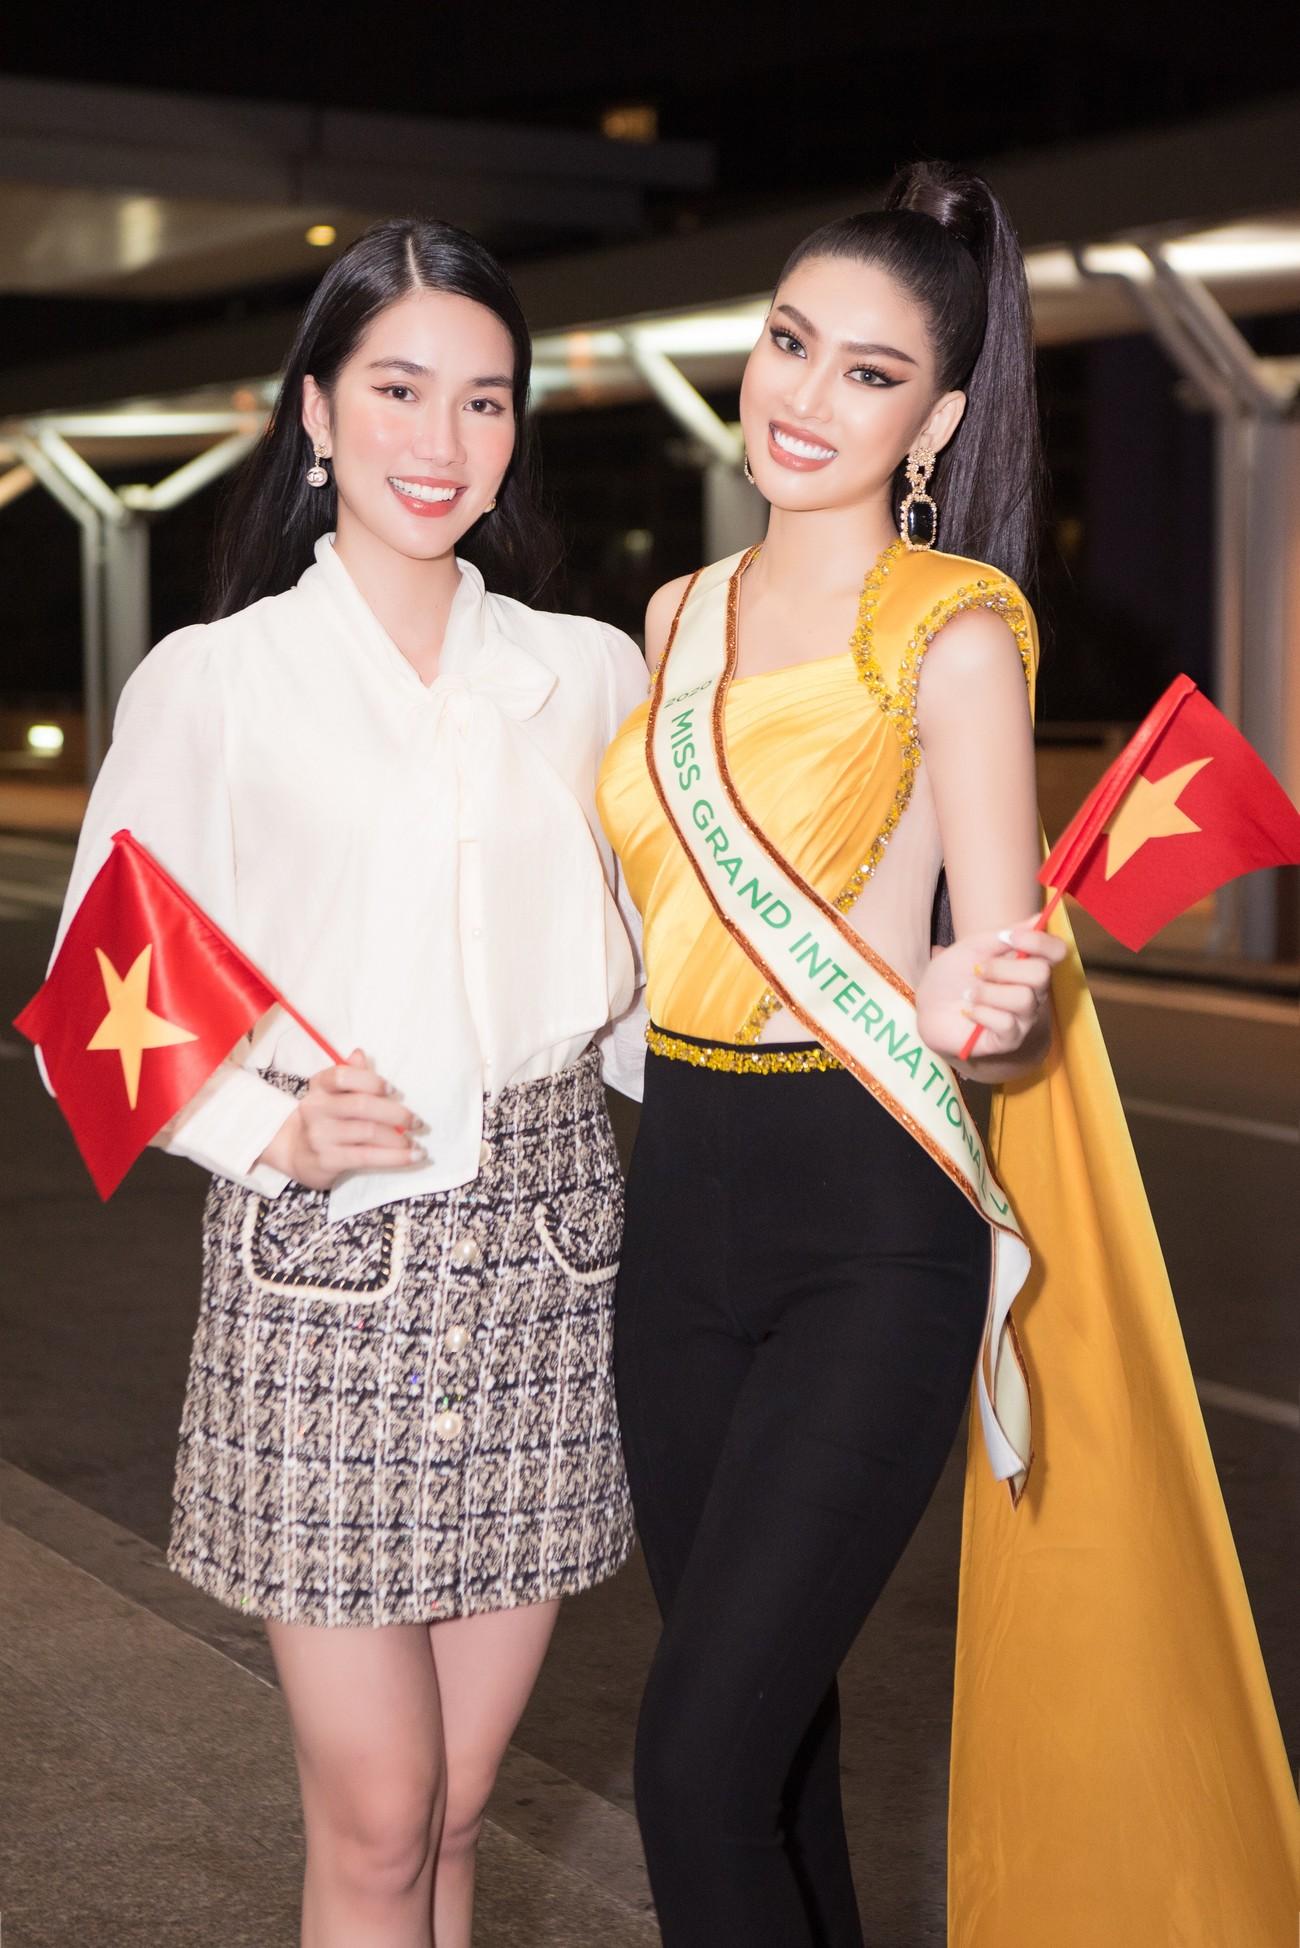 Mặc đồ bảo hộ bay sang Thái Lan thi Miss Grand, Á hậu Ngọc Thảo vẫn xinh đẹp rạng rỡ ảnh 9